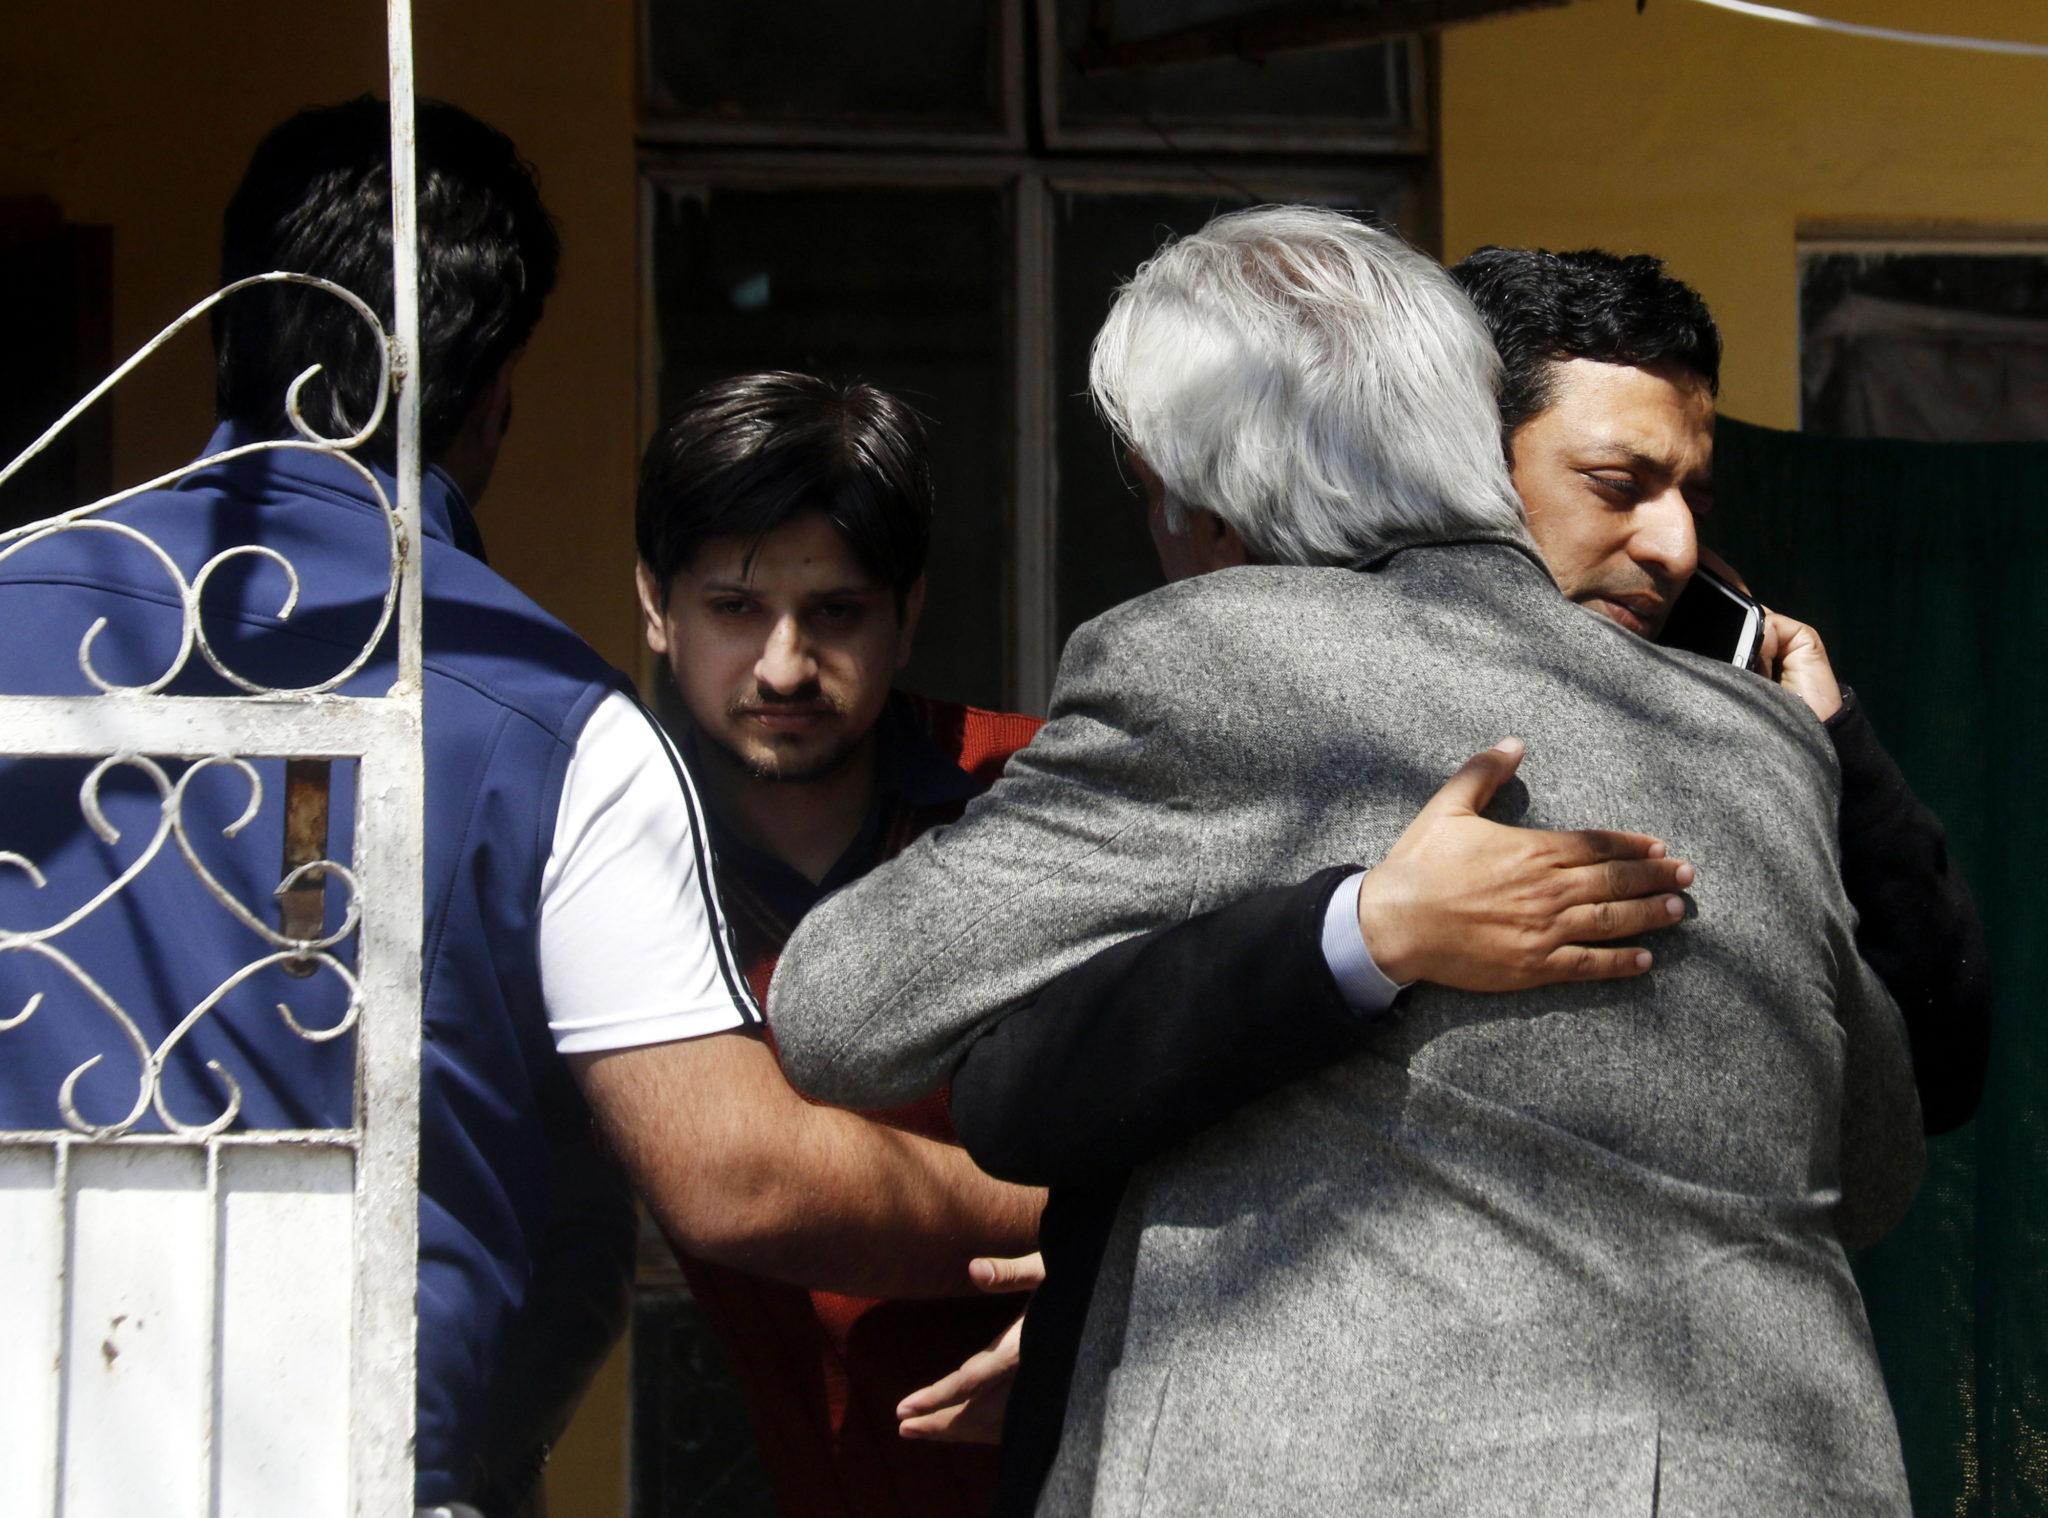 Pakistan: kondolencje dla rodzin ofiary zamachu w meczecie w Christchurch. W zamachach zginęło 6 obywateli Pakistanu, fot. Sohail Shahzad, PAP/EPA